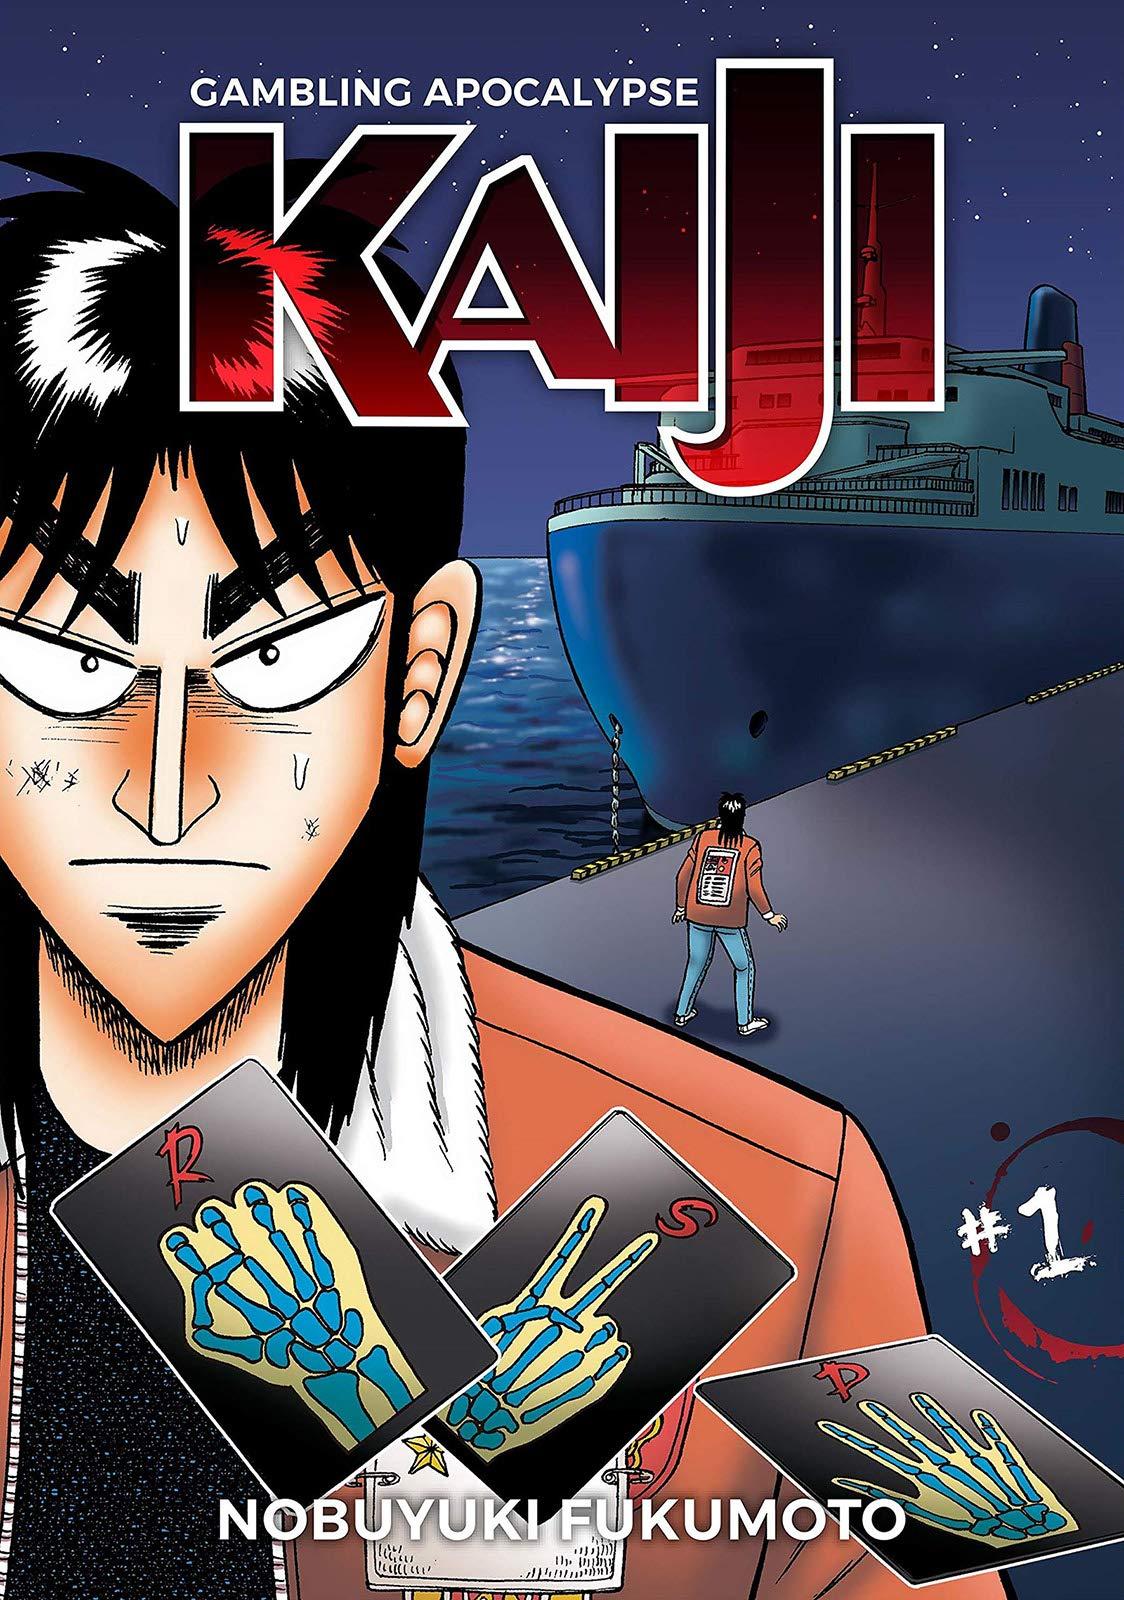 Japanese Manga Gambling